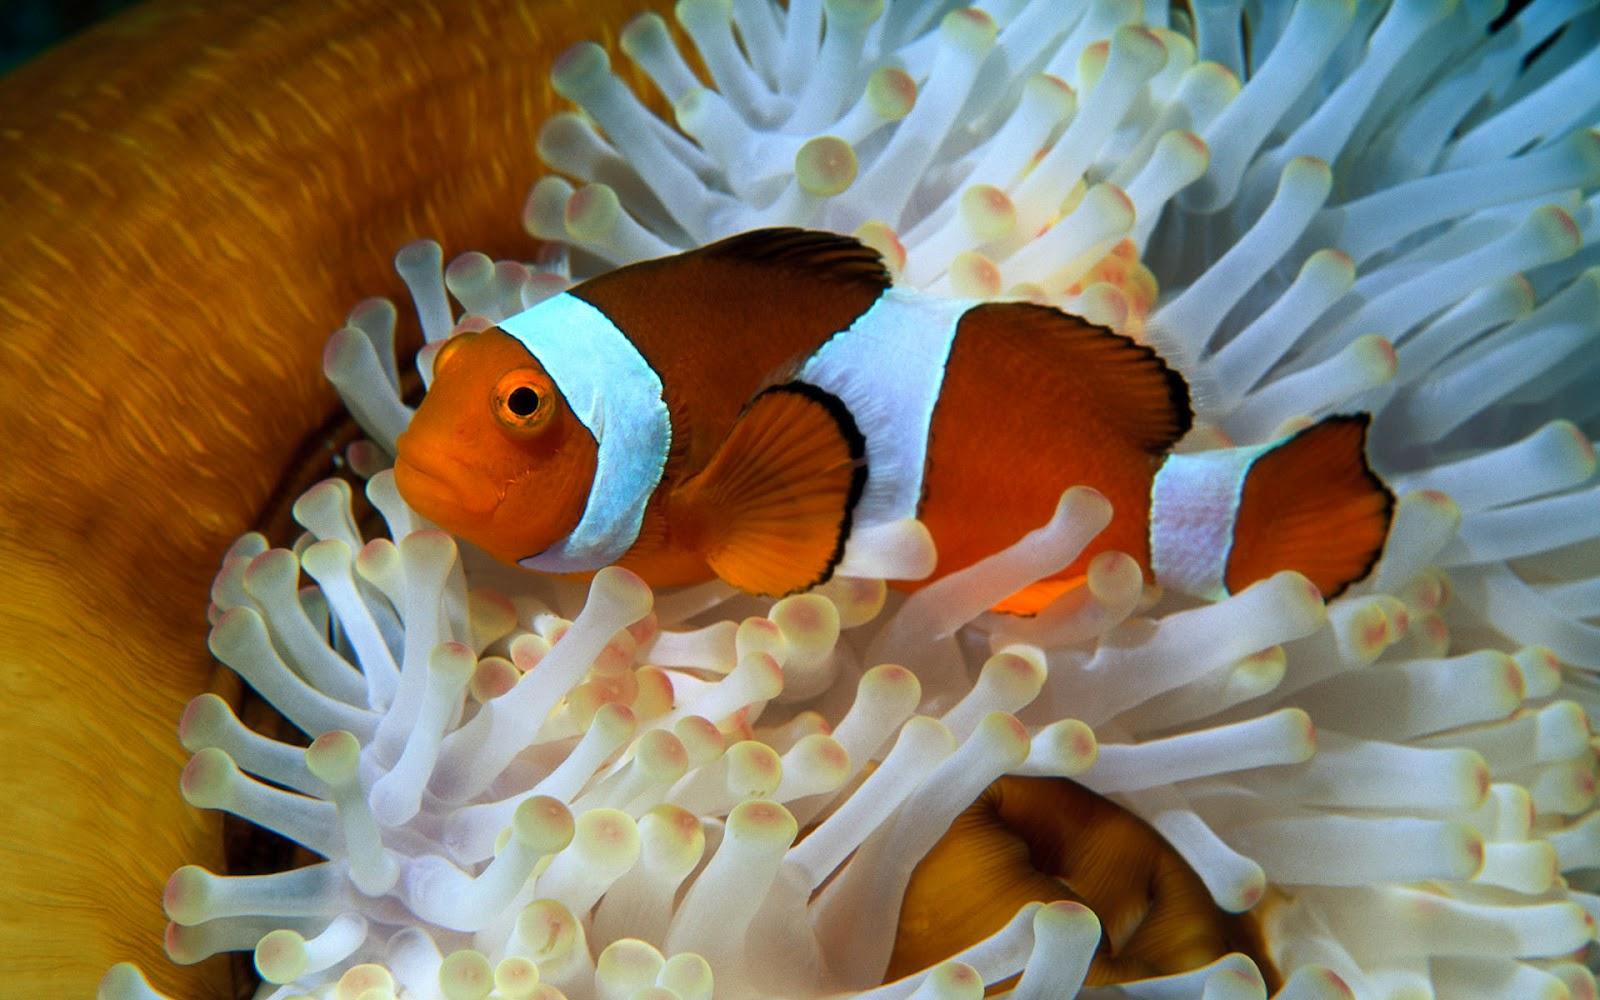 Top 27 Sea Animals Wallpapers In Hd: Best Wallpapers Collection: Best Ocean Life Wallpaper II